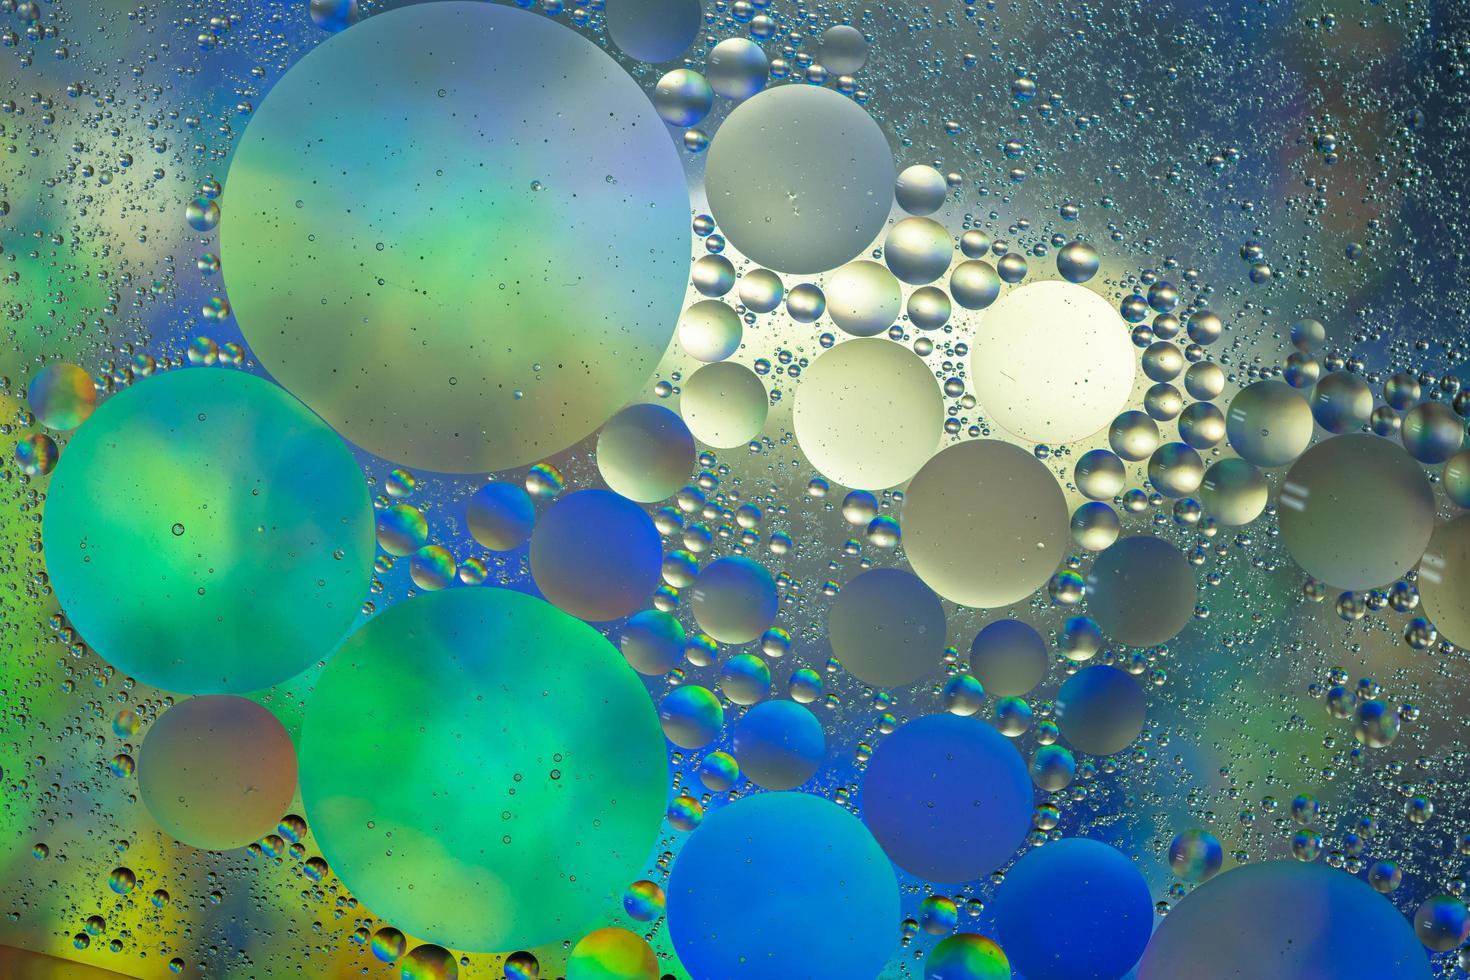 acqua e olio, sfondo astratto foto